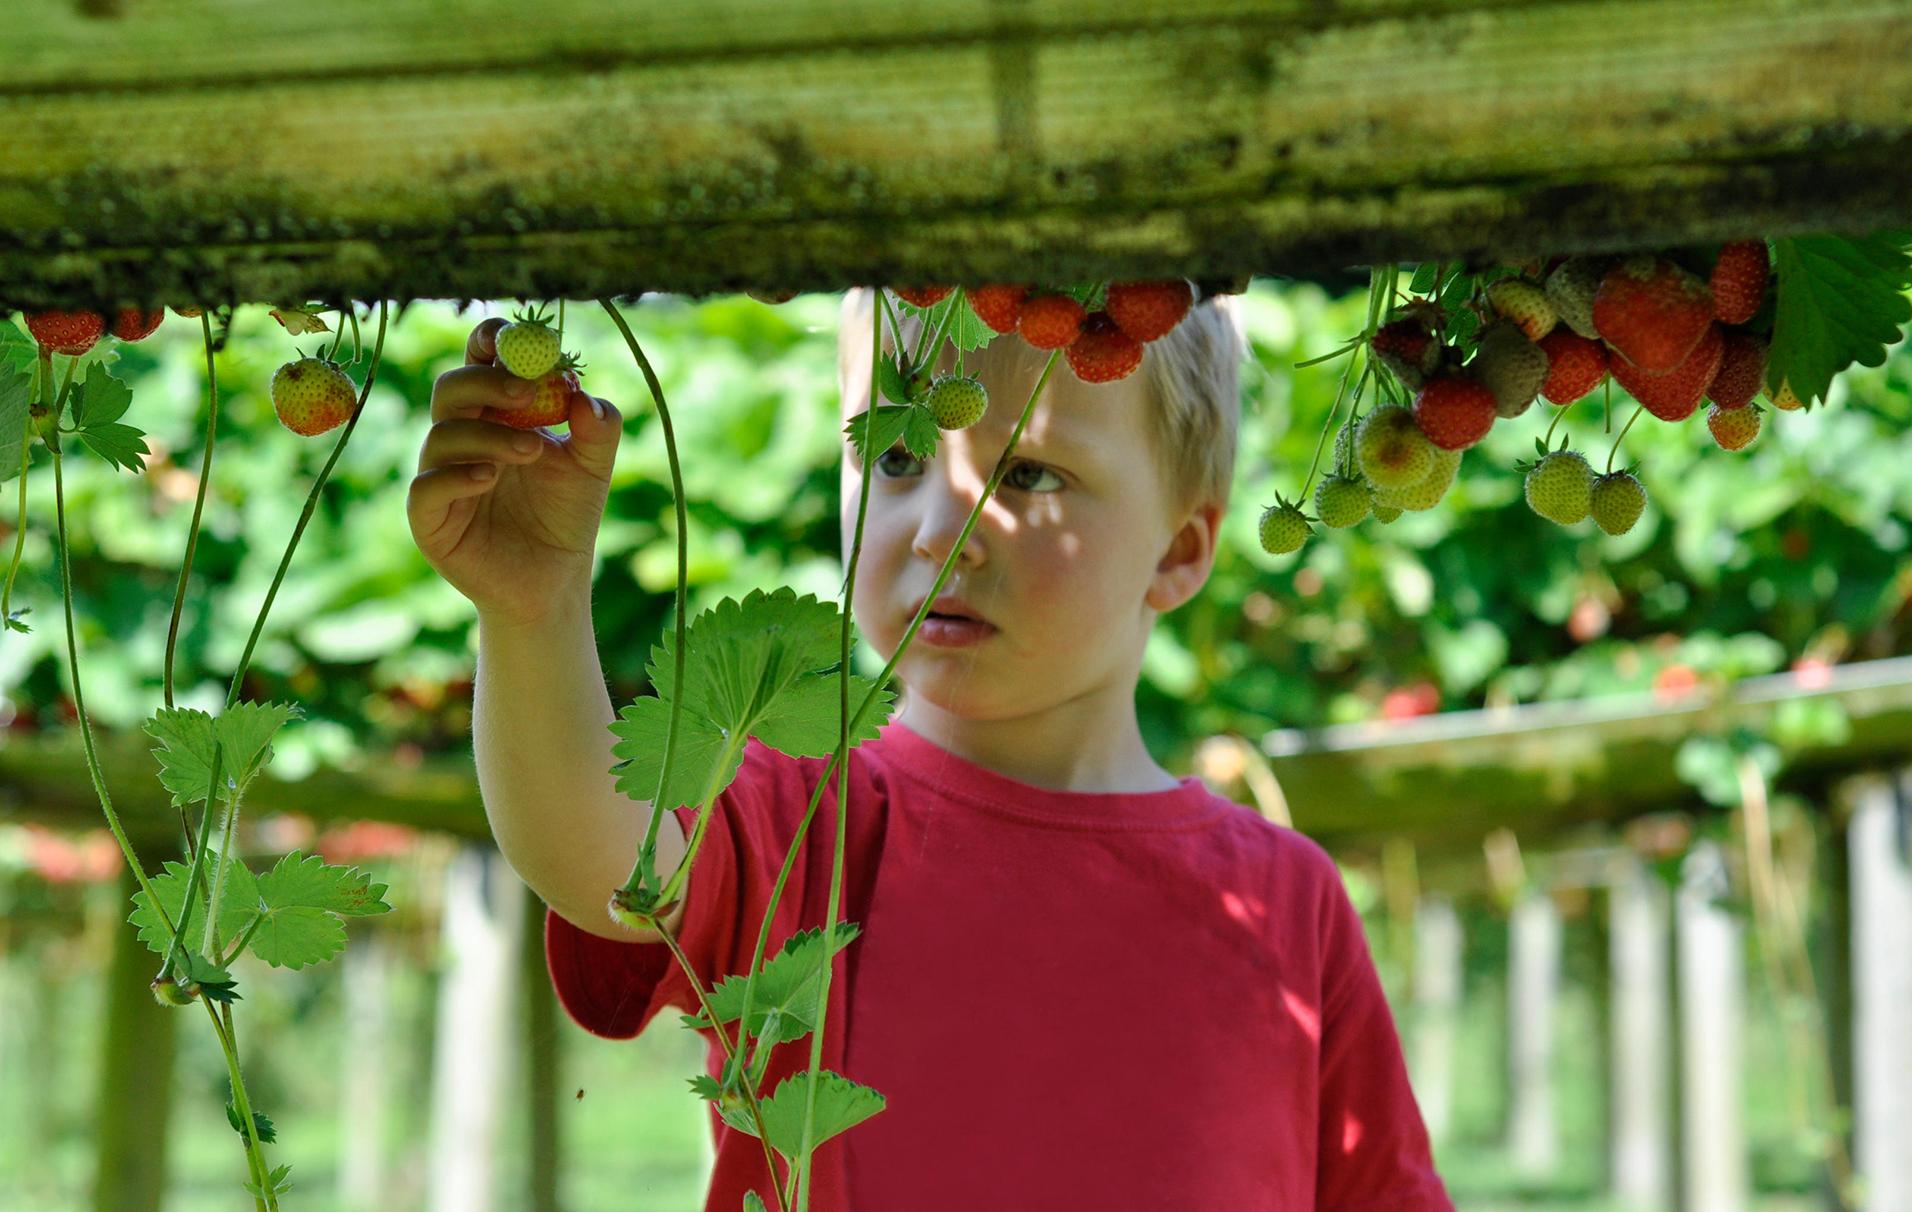 Fruit picking farms